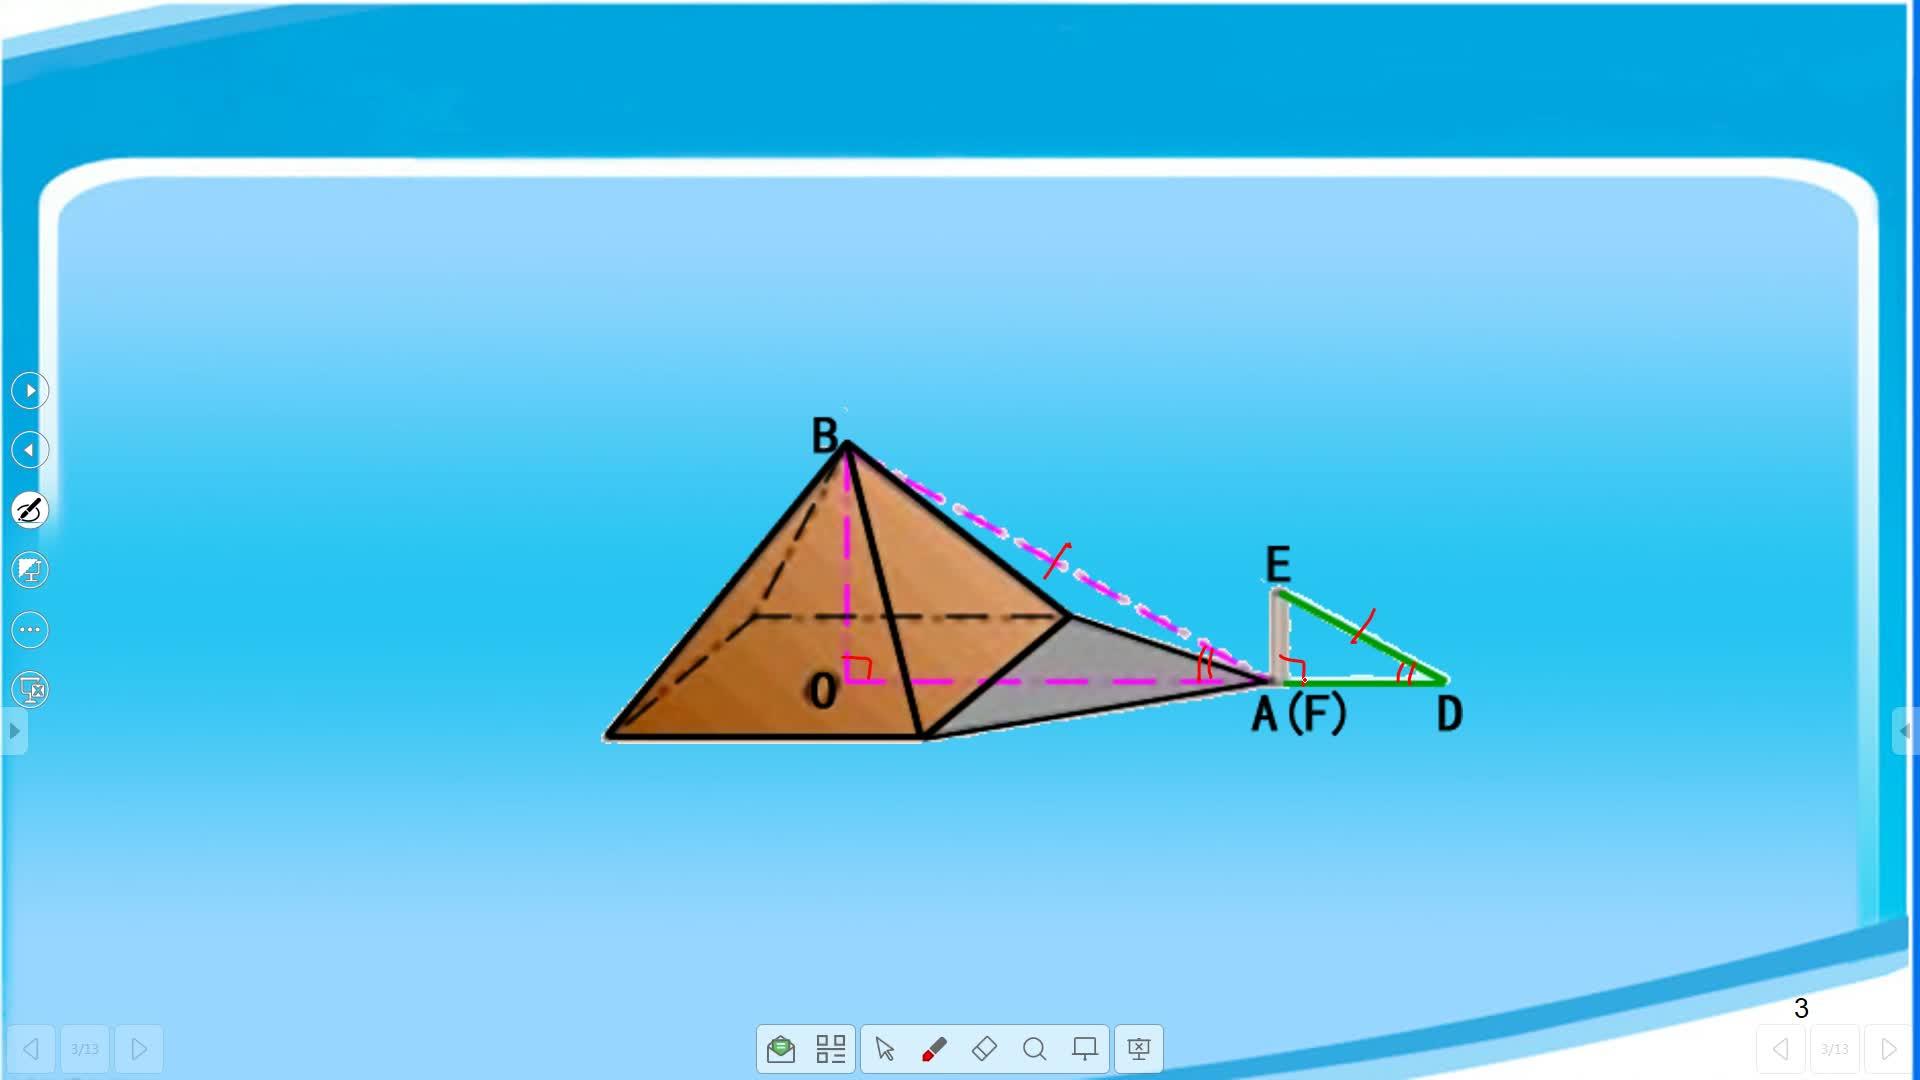 (视频)九年级数学下册27.2相似三角形的应用举例微课【2019原创资源大赛】